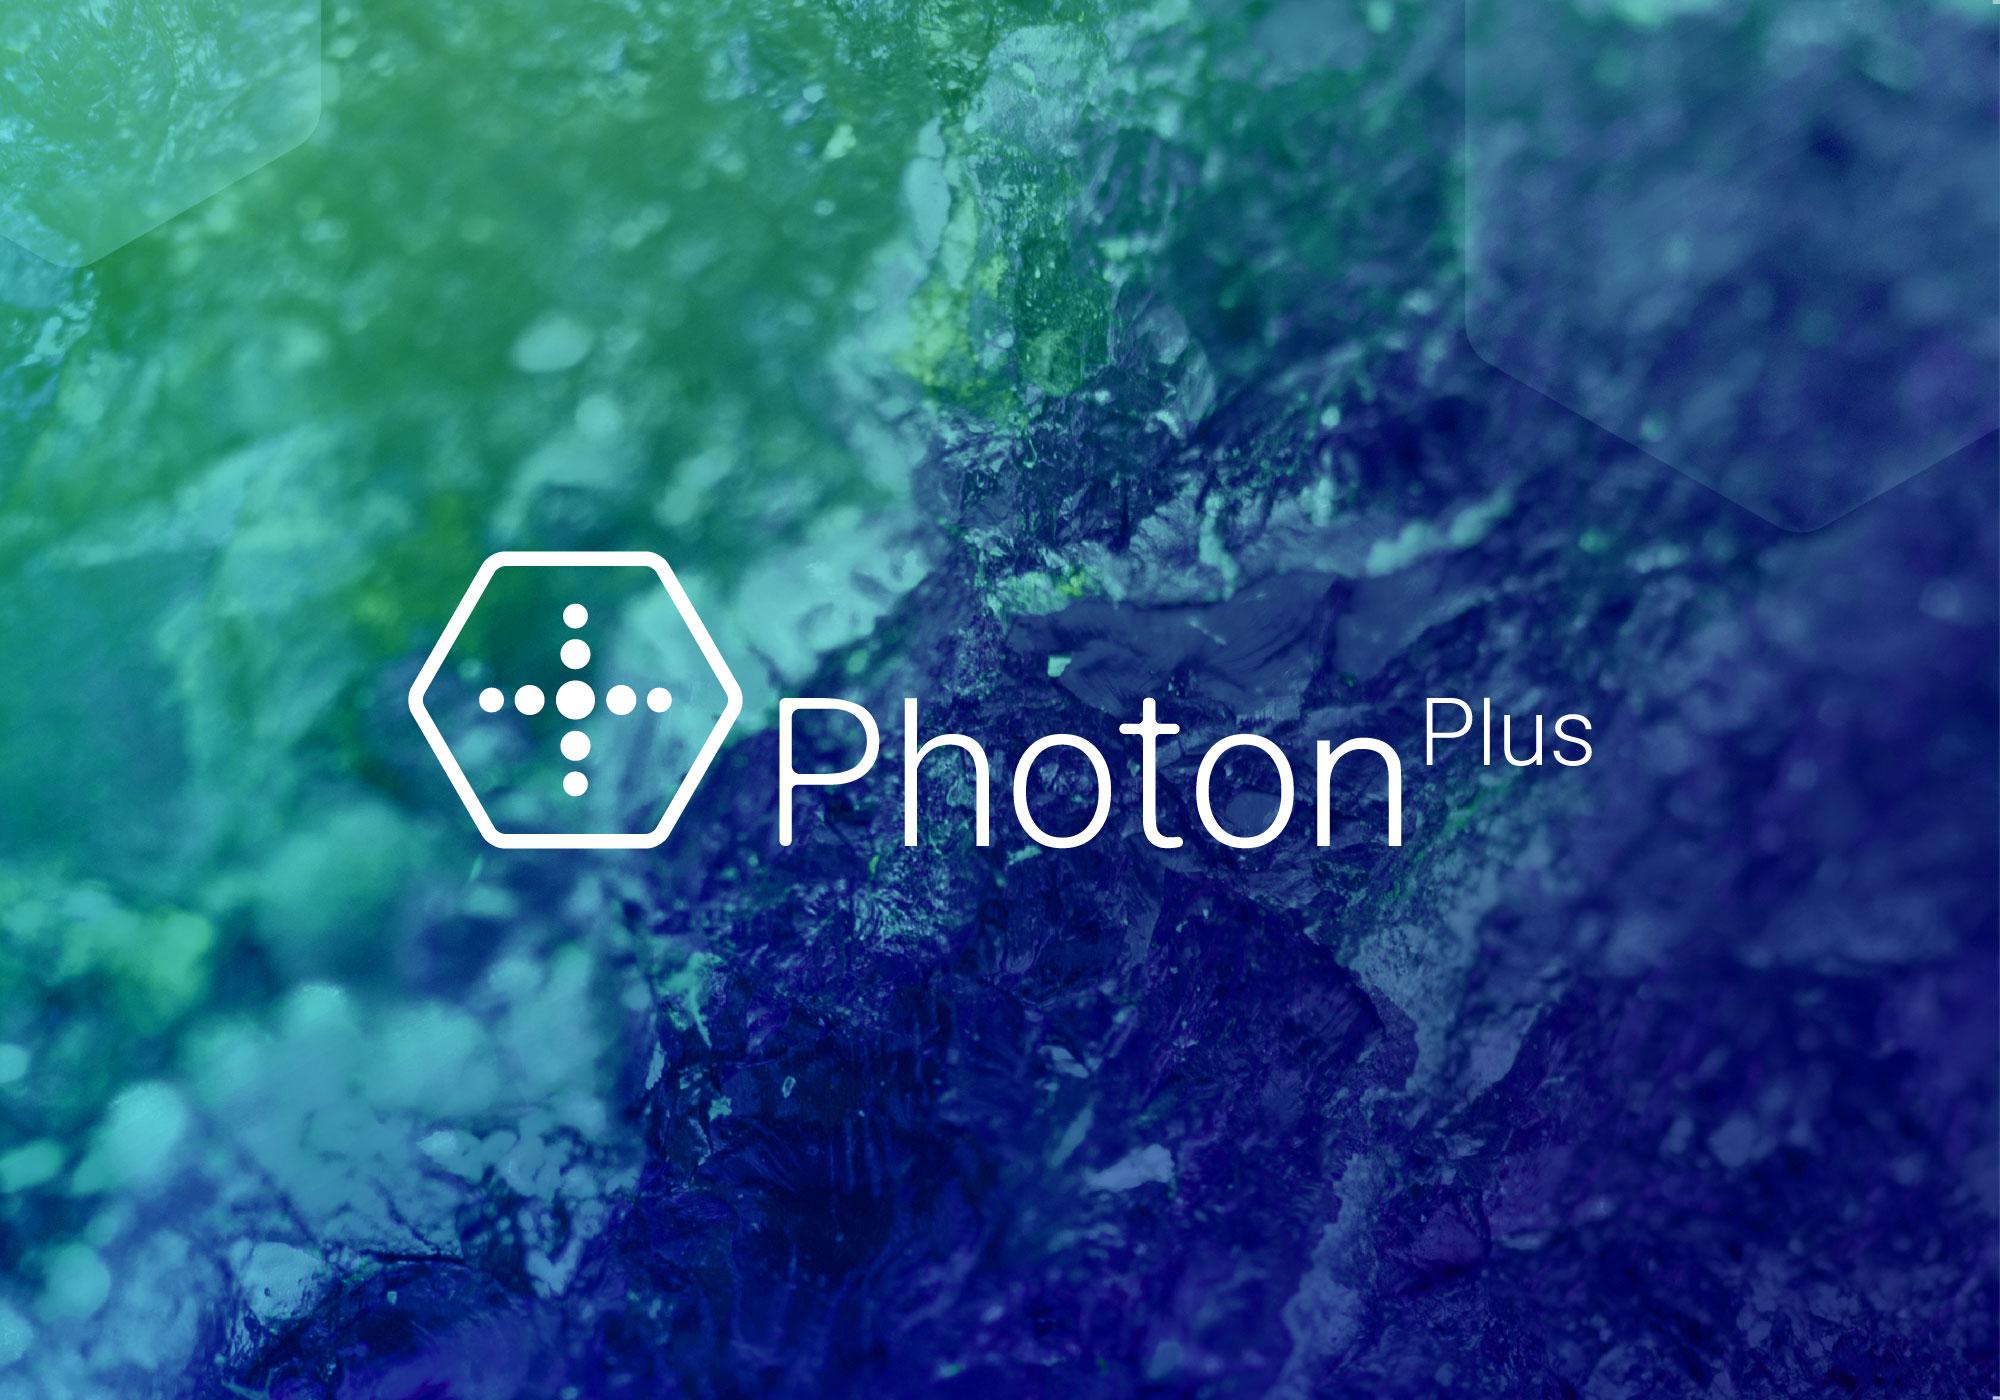 photonplus-06